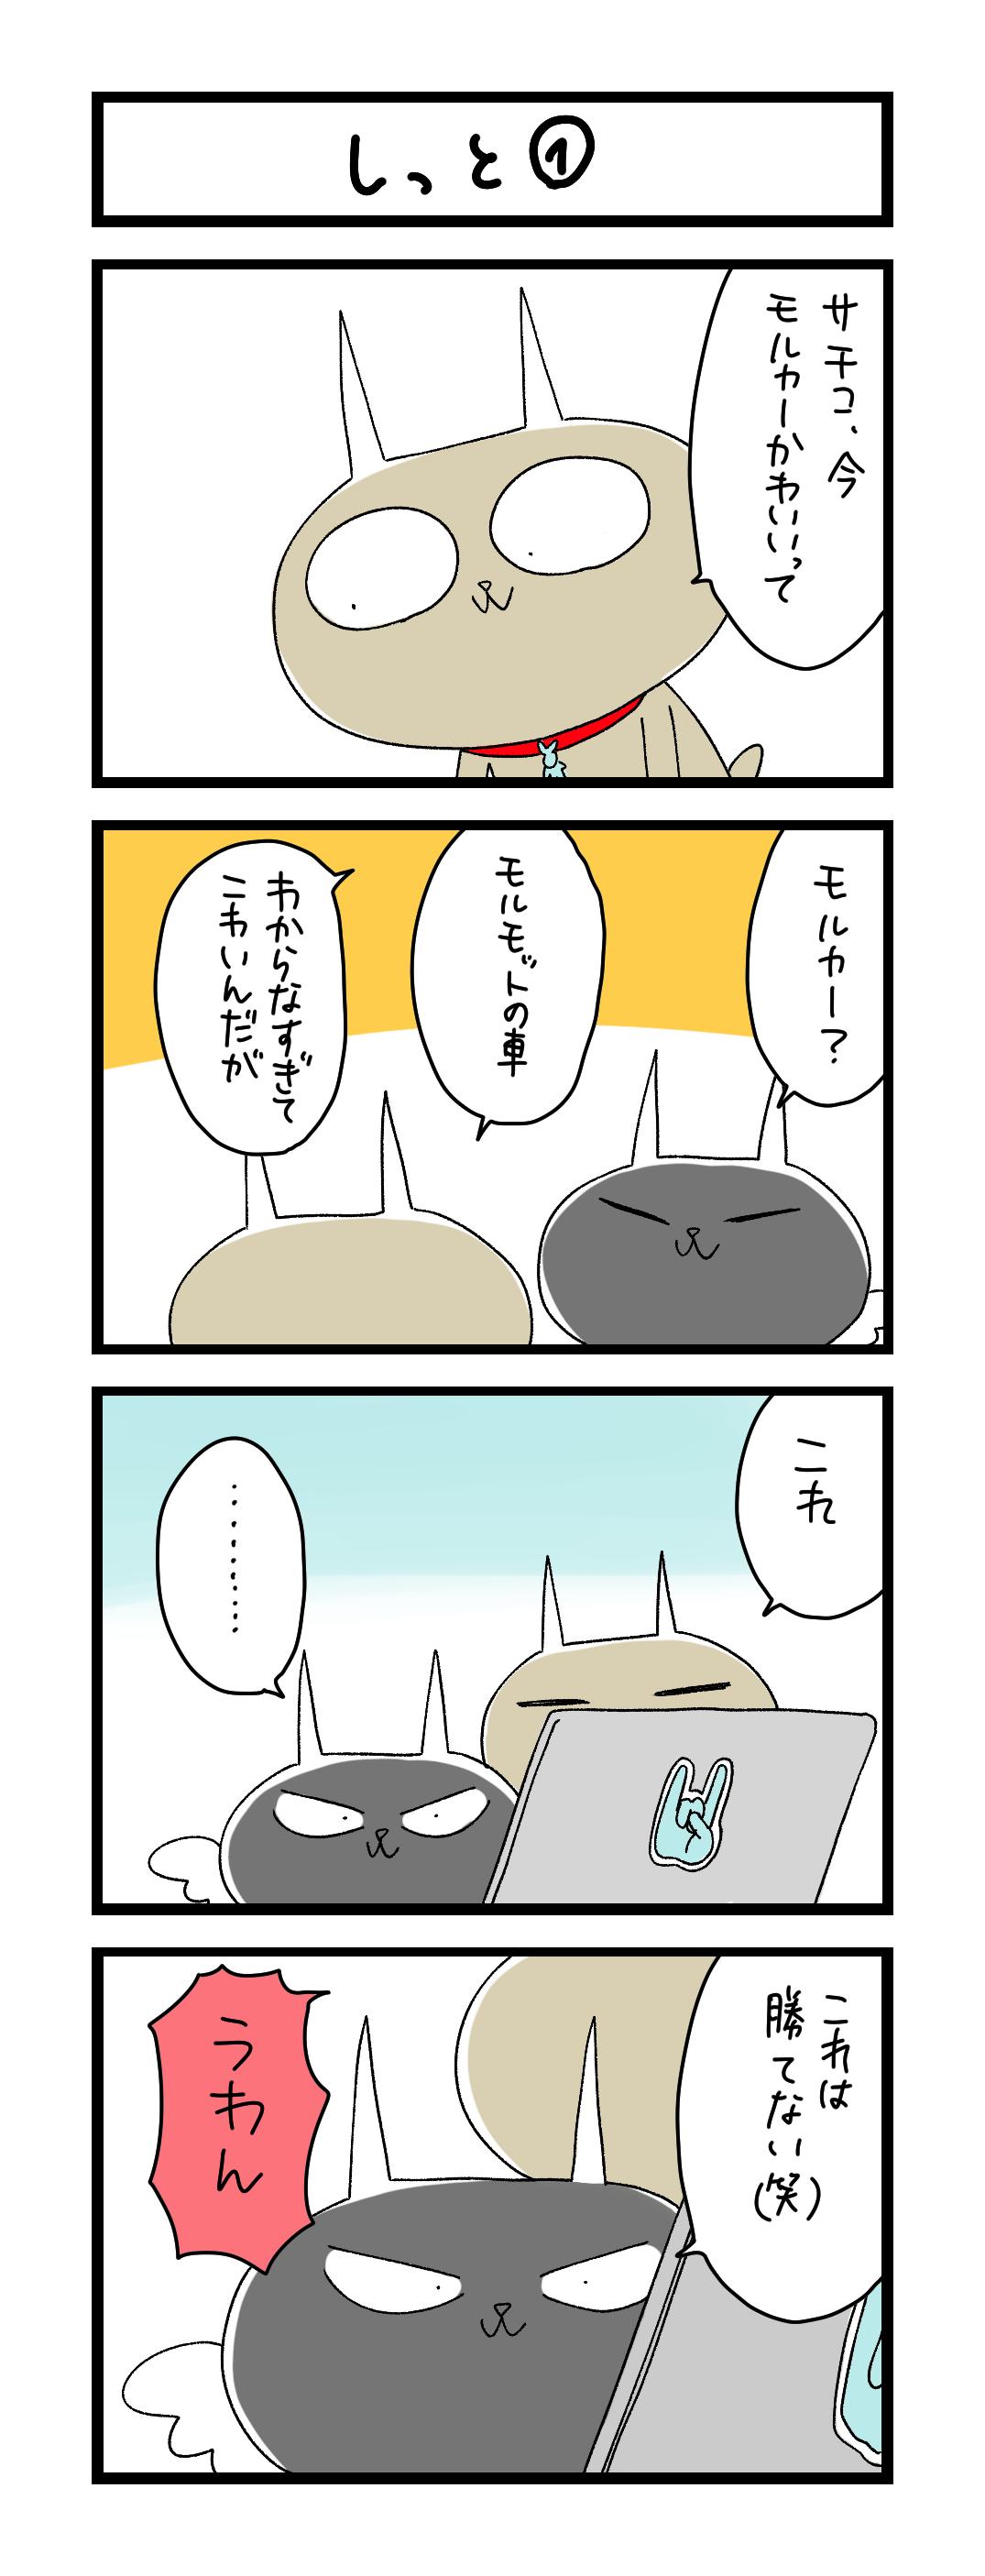 しっと (1)